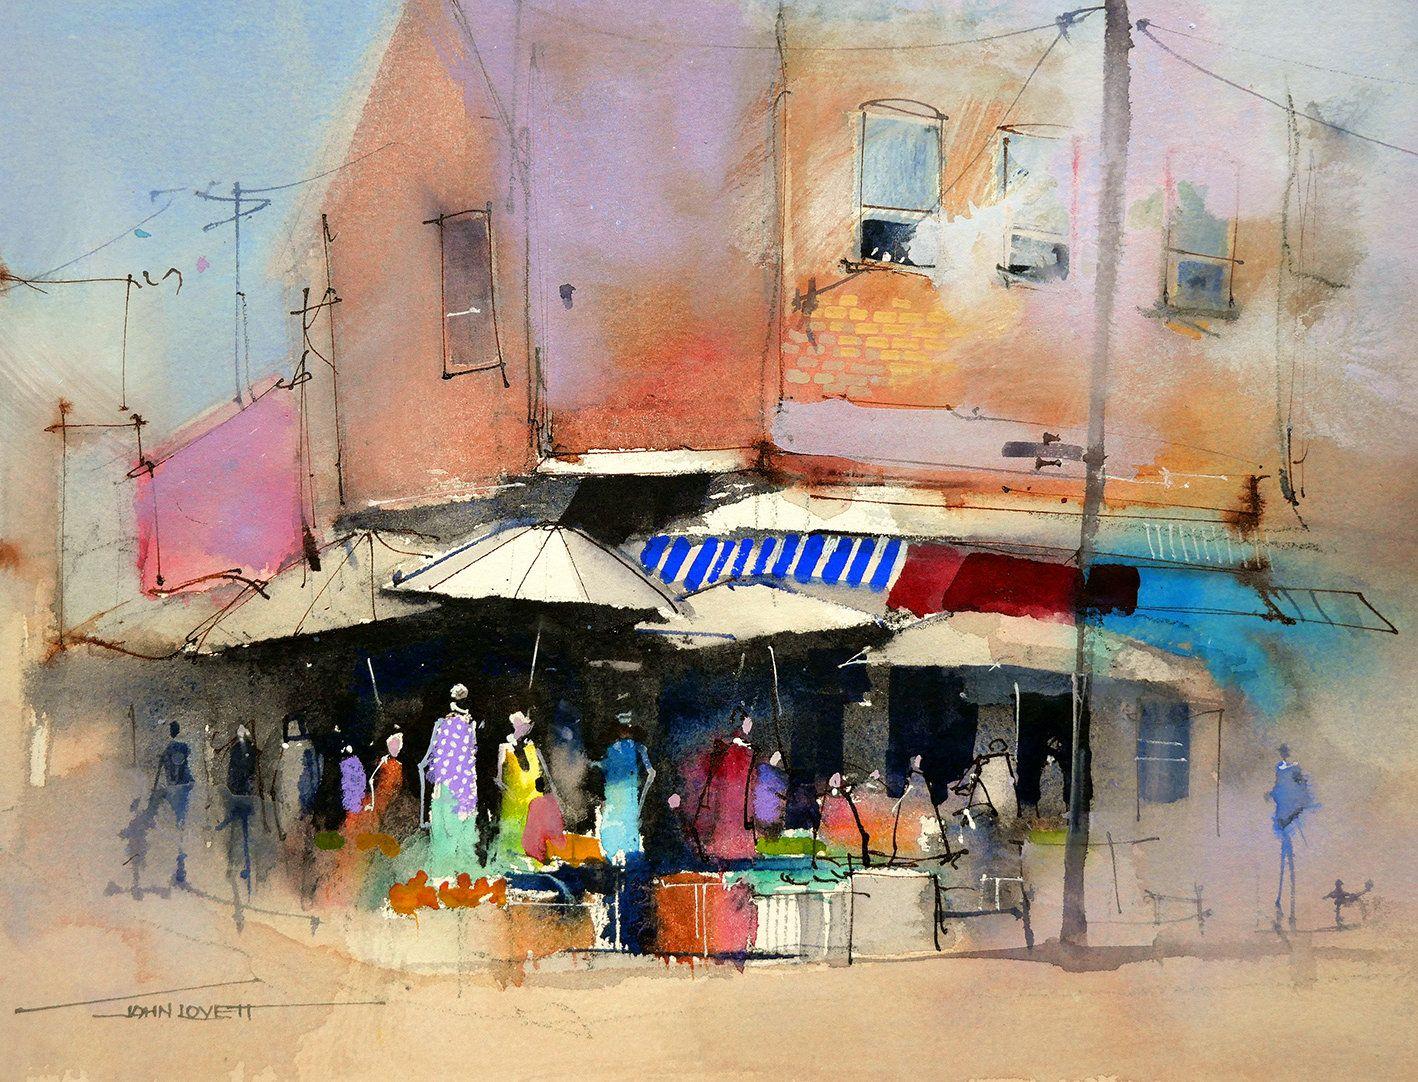 Watecolor Edges John Lovett Artist John Lovett Painting